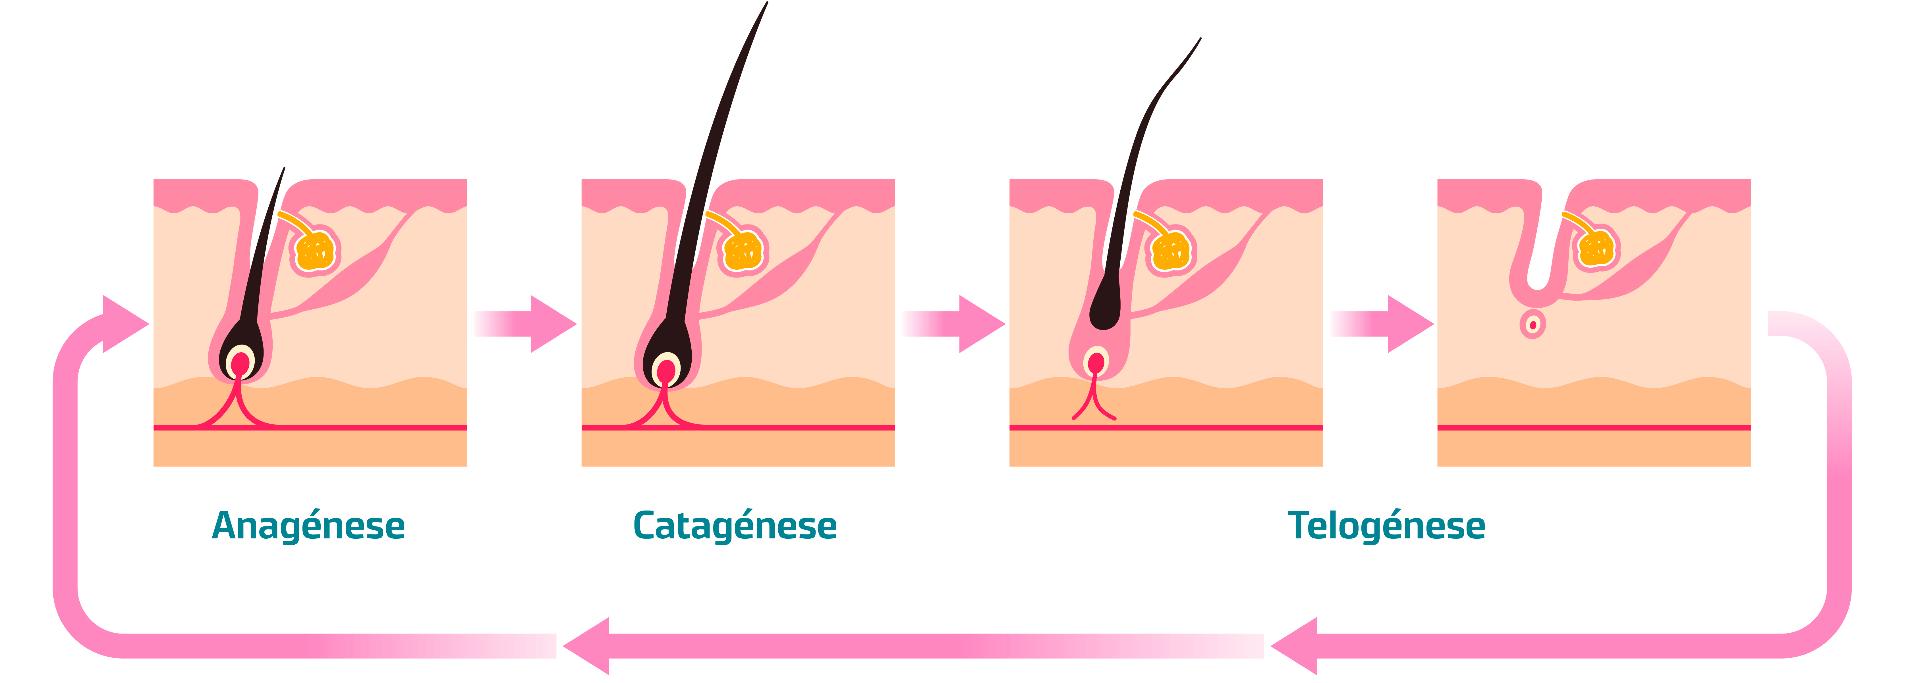 Fases do Ciclo Capilar